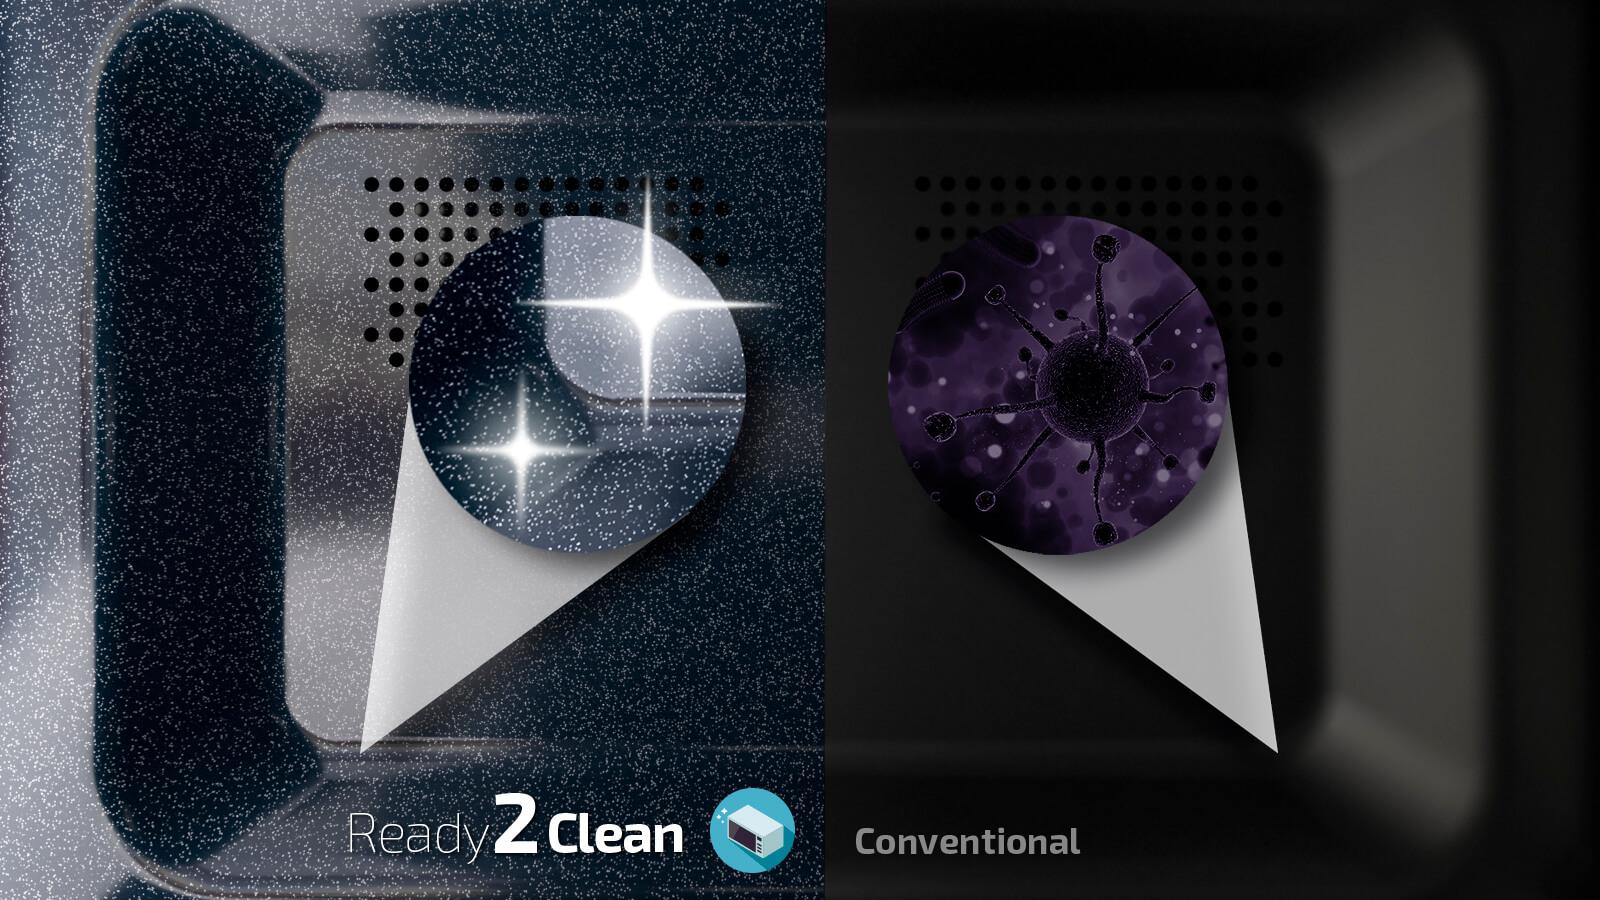 microondas ready2clean